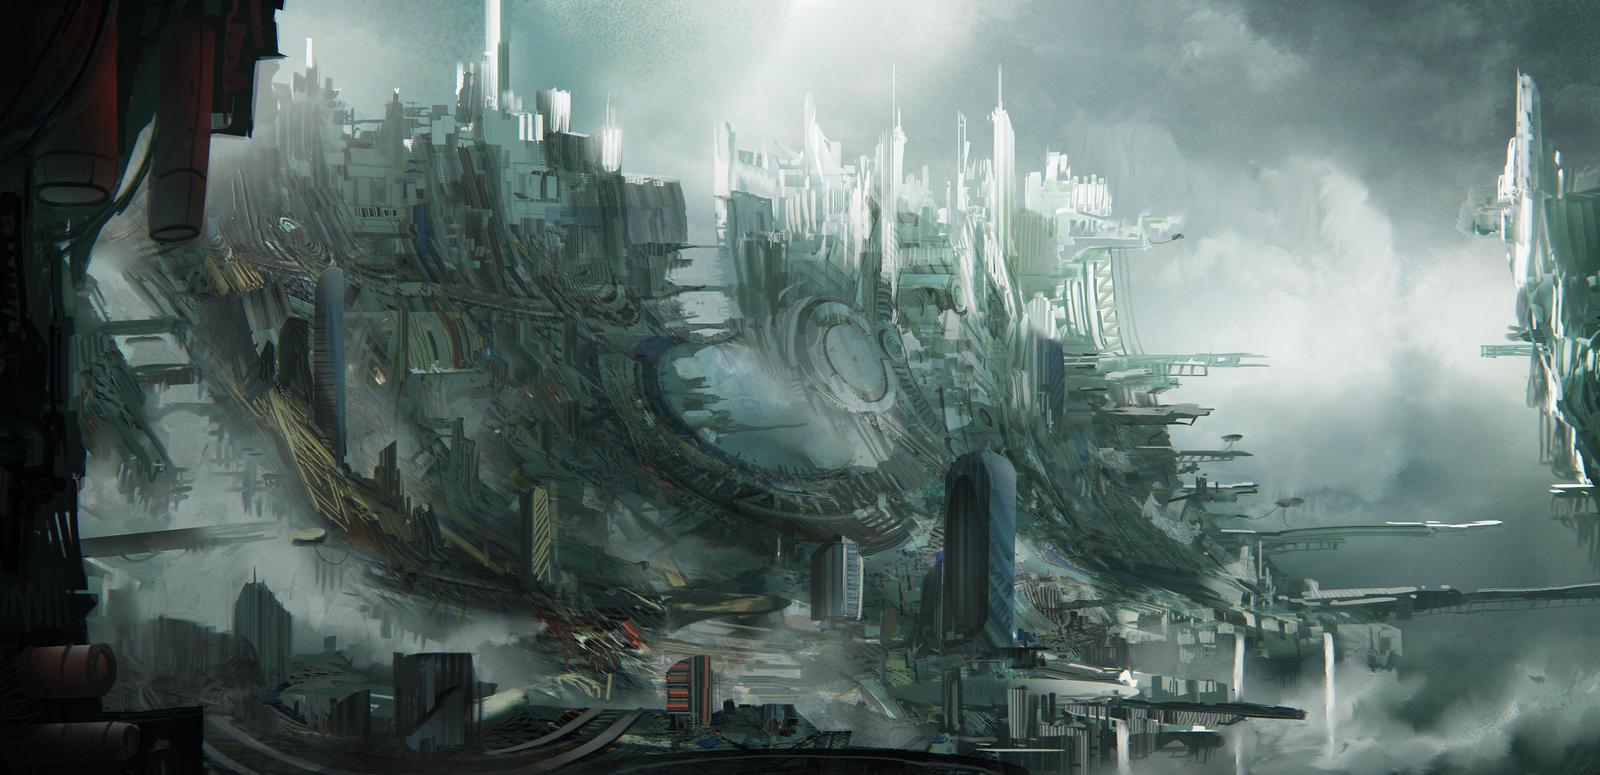 sky_slums_sketch_by_tryingtofly-daj5mql.